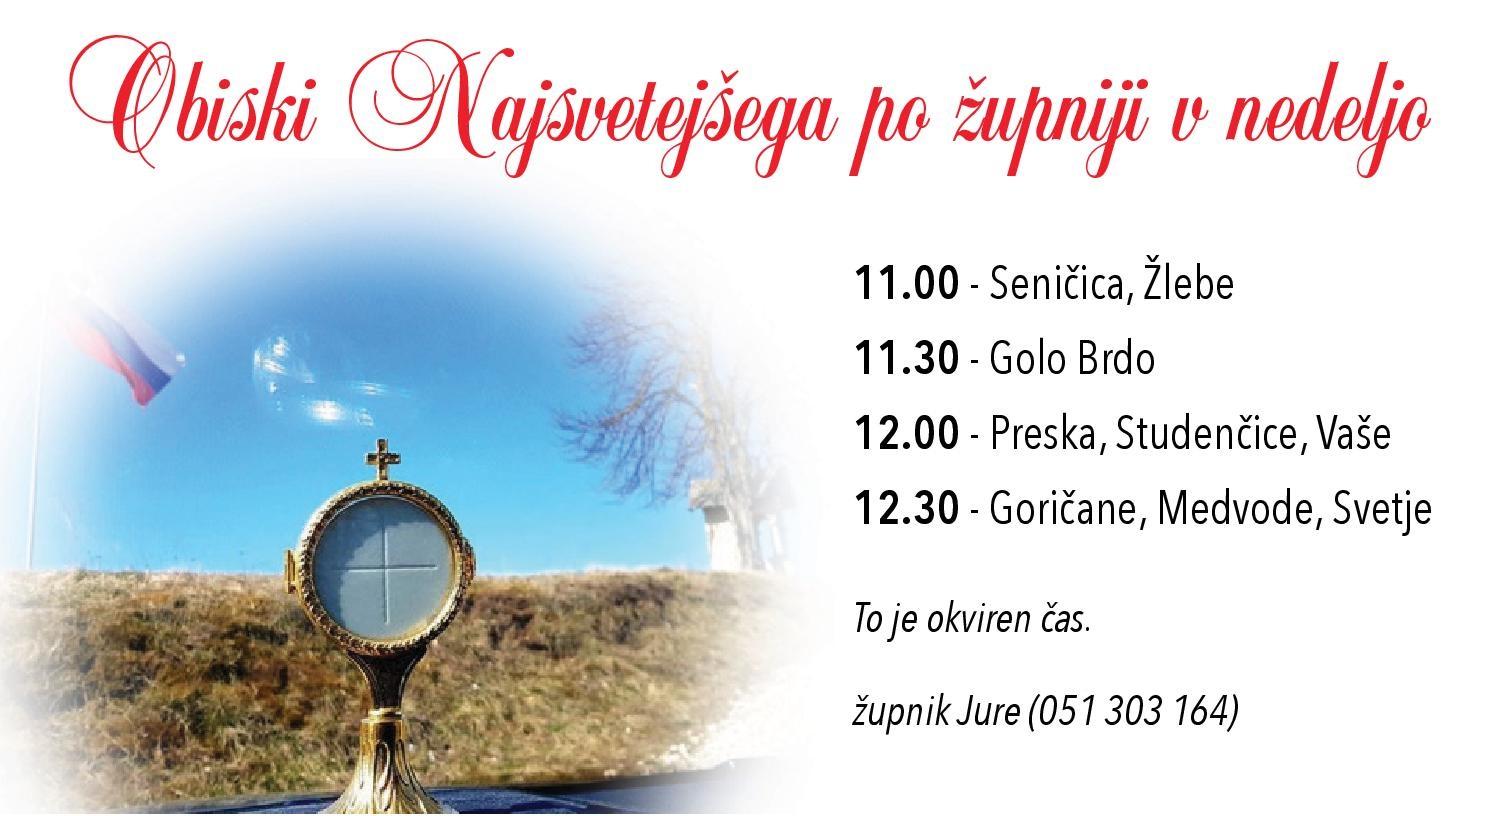 Obisk Jezusa po župniji v nedeljo